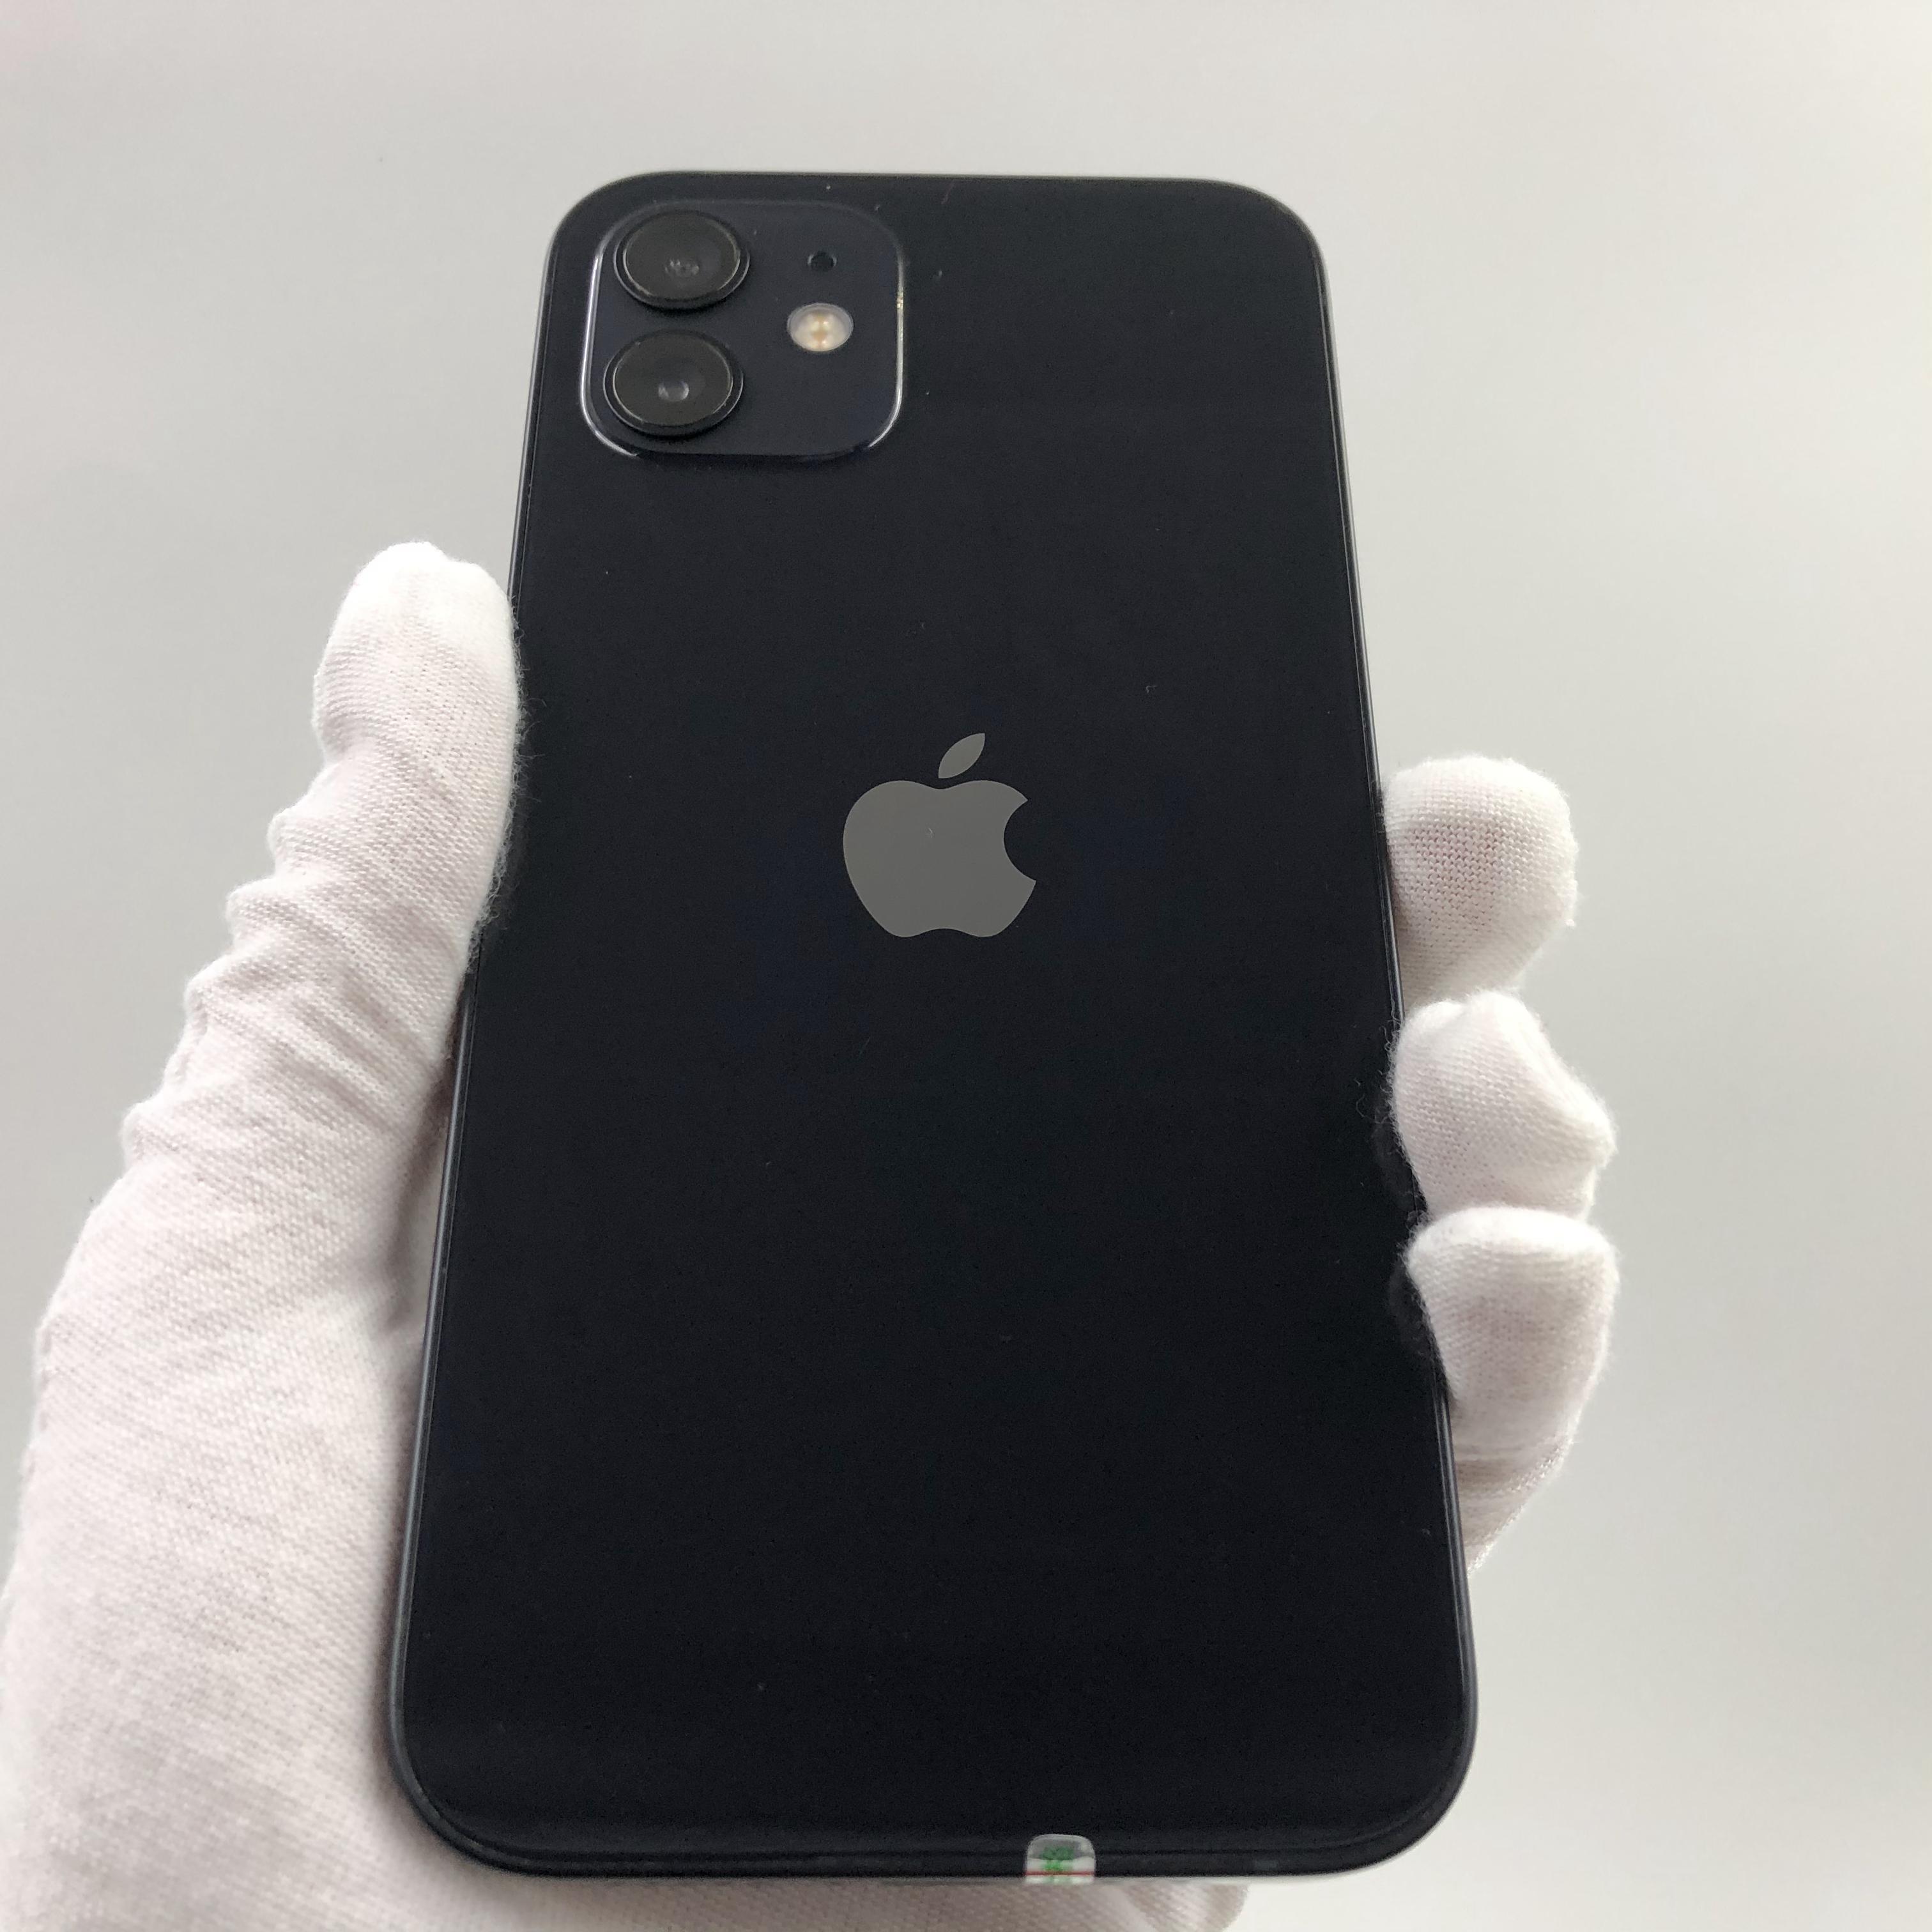 苹果【iPhone 12】5G全网通 黑色 64G 国行 9成新 真机实拍官保2021-11-12